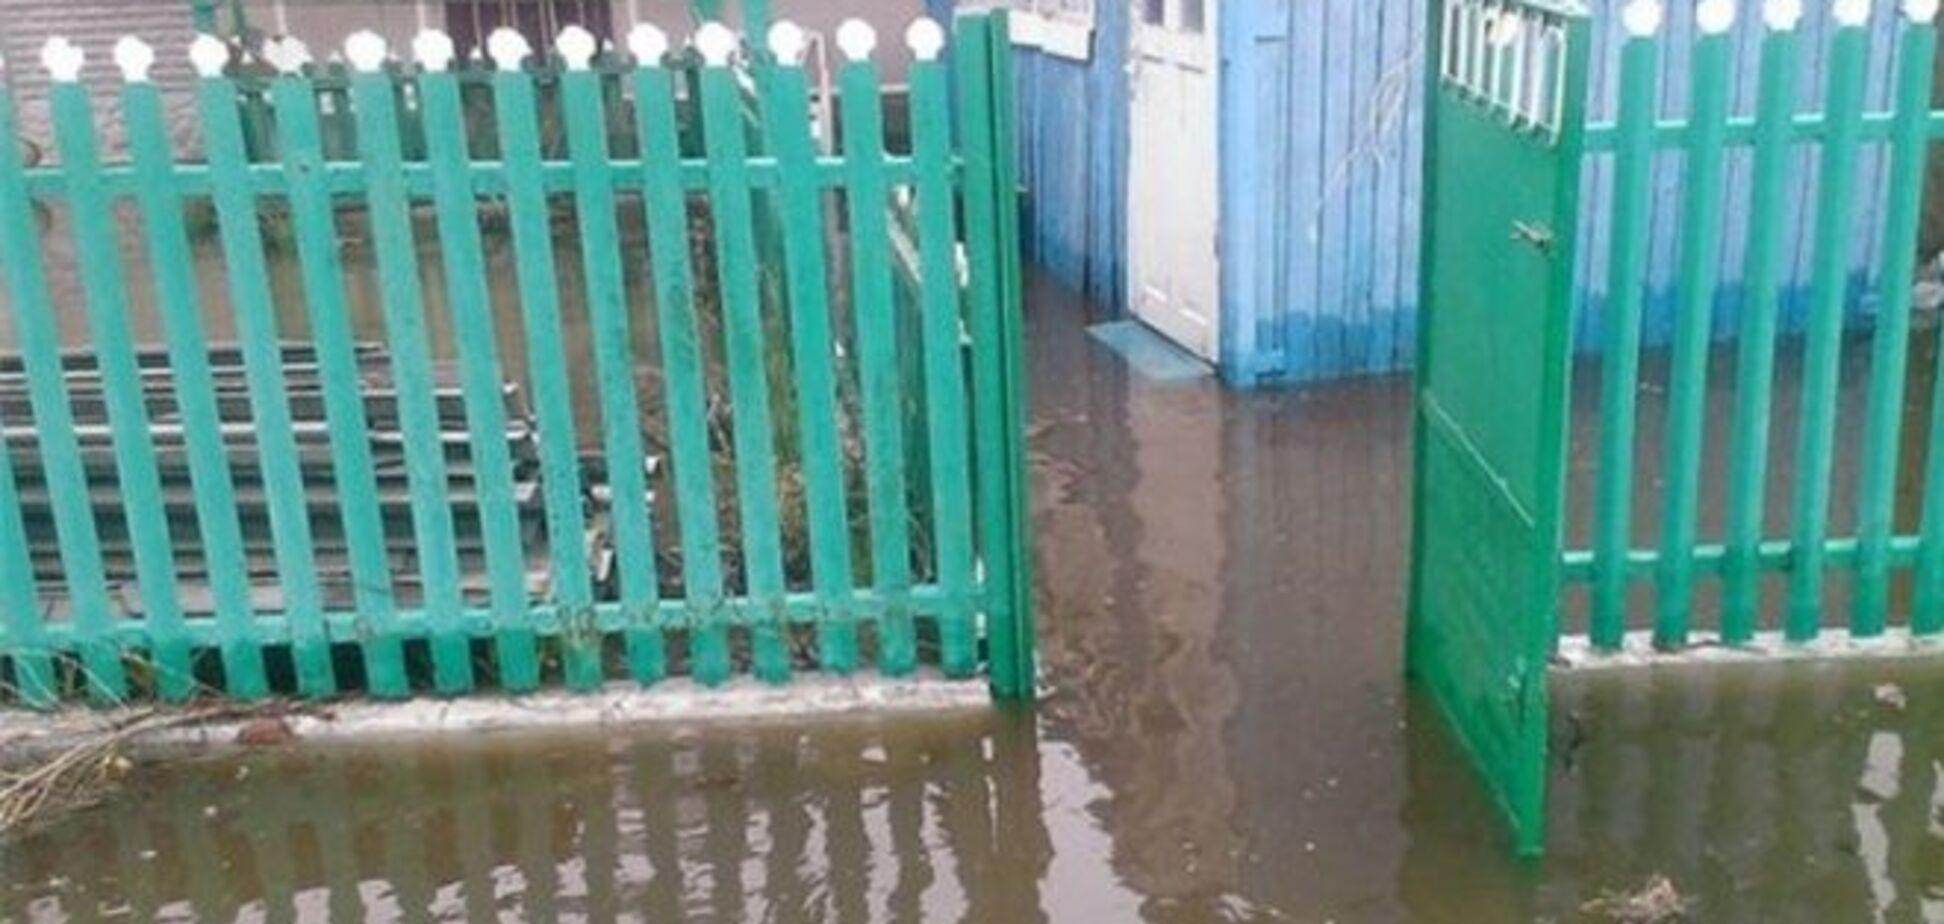 308 житлових будинків залишаються підтопленими в Одеській області